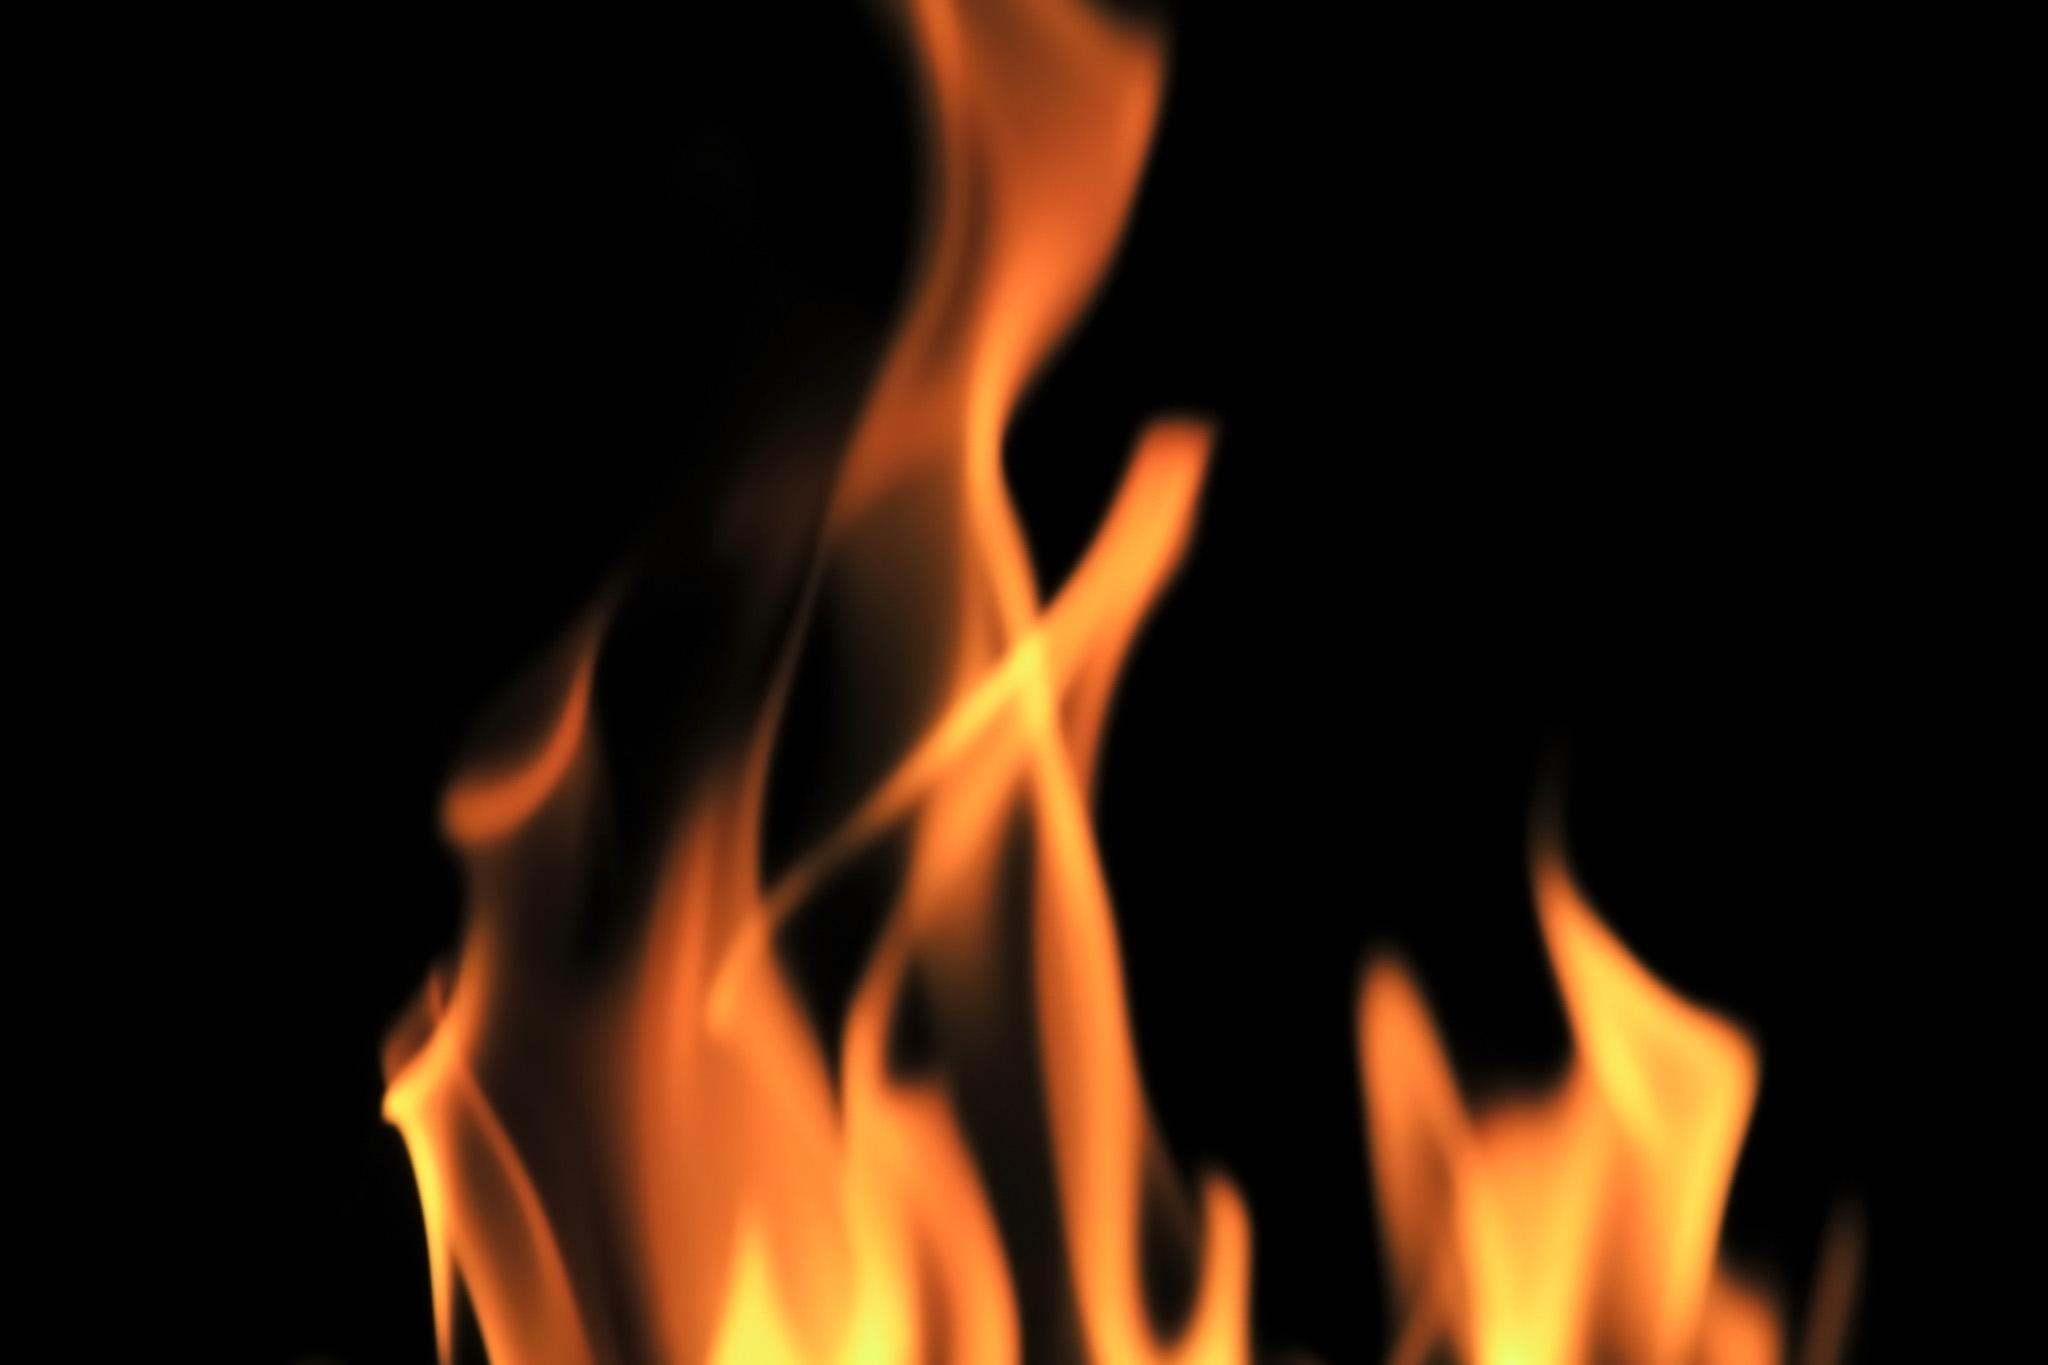 「闇の中に立ち上る炎」